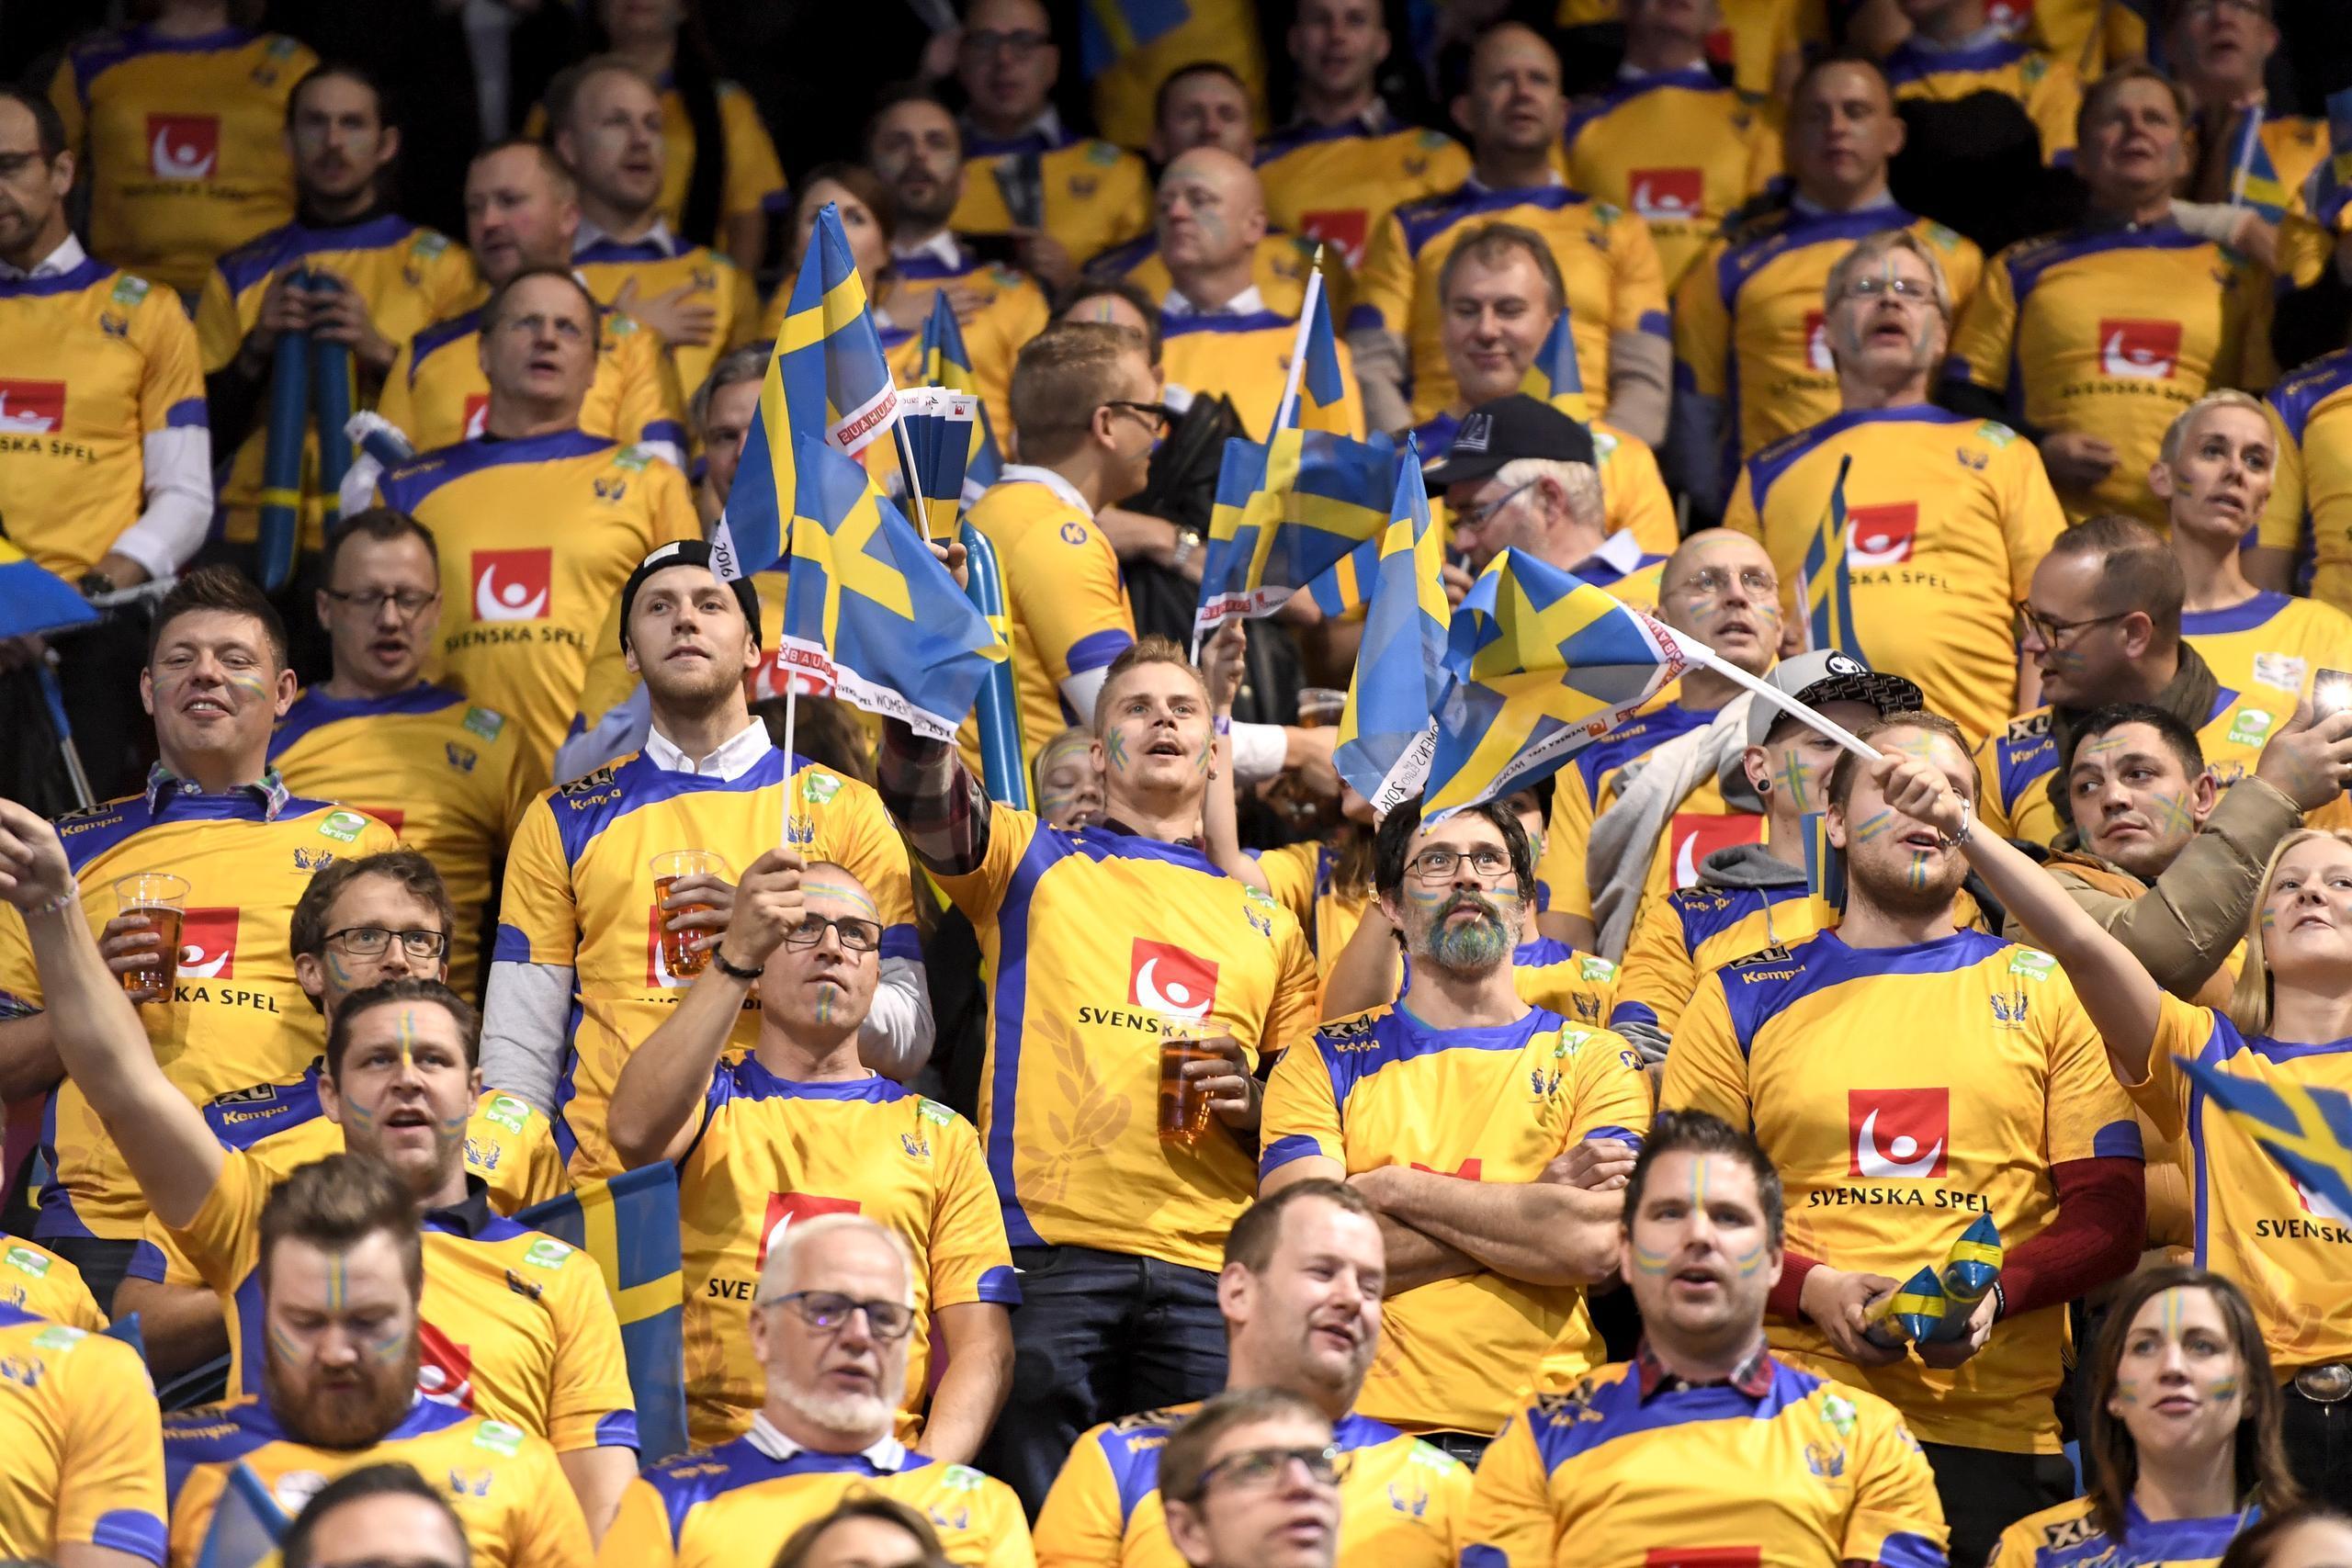 Sverige söker dubbla handbolls-EM – tillsammans med Norge och Danmark